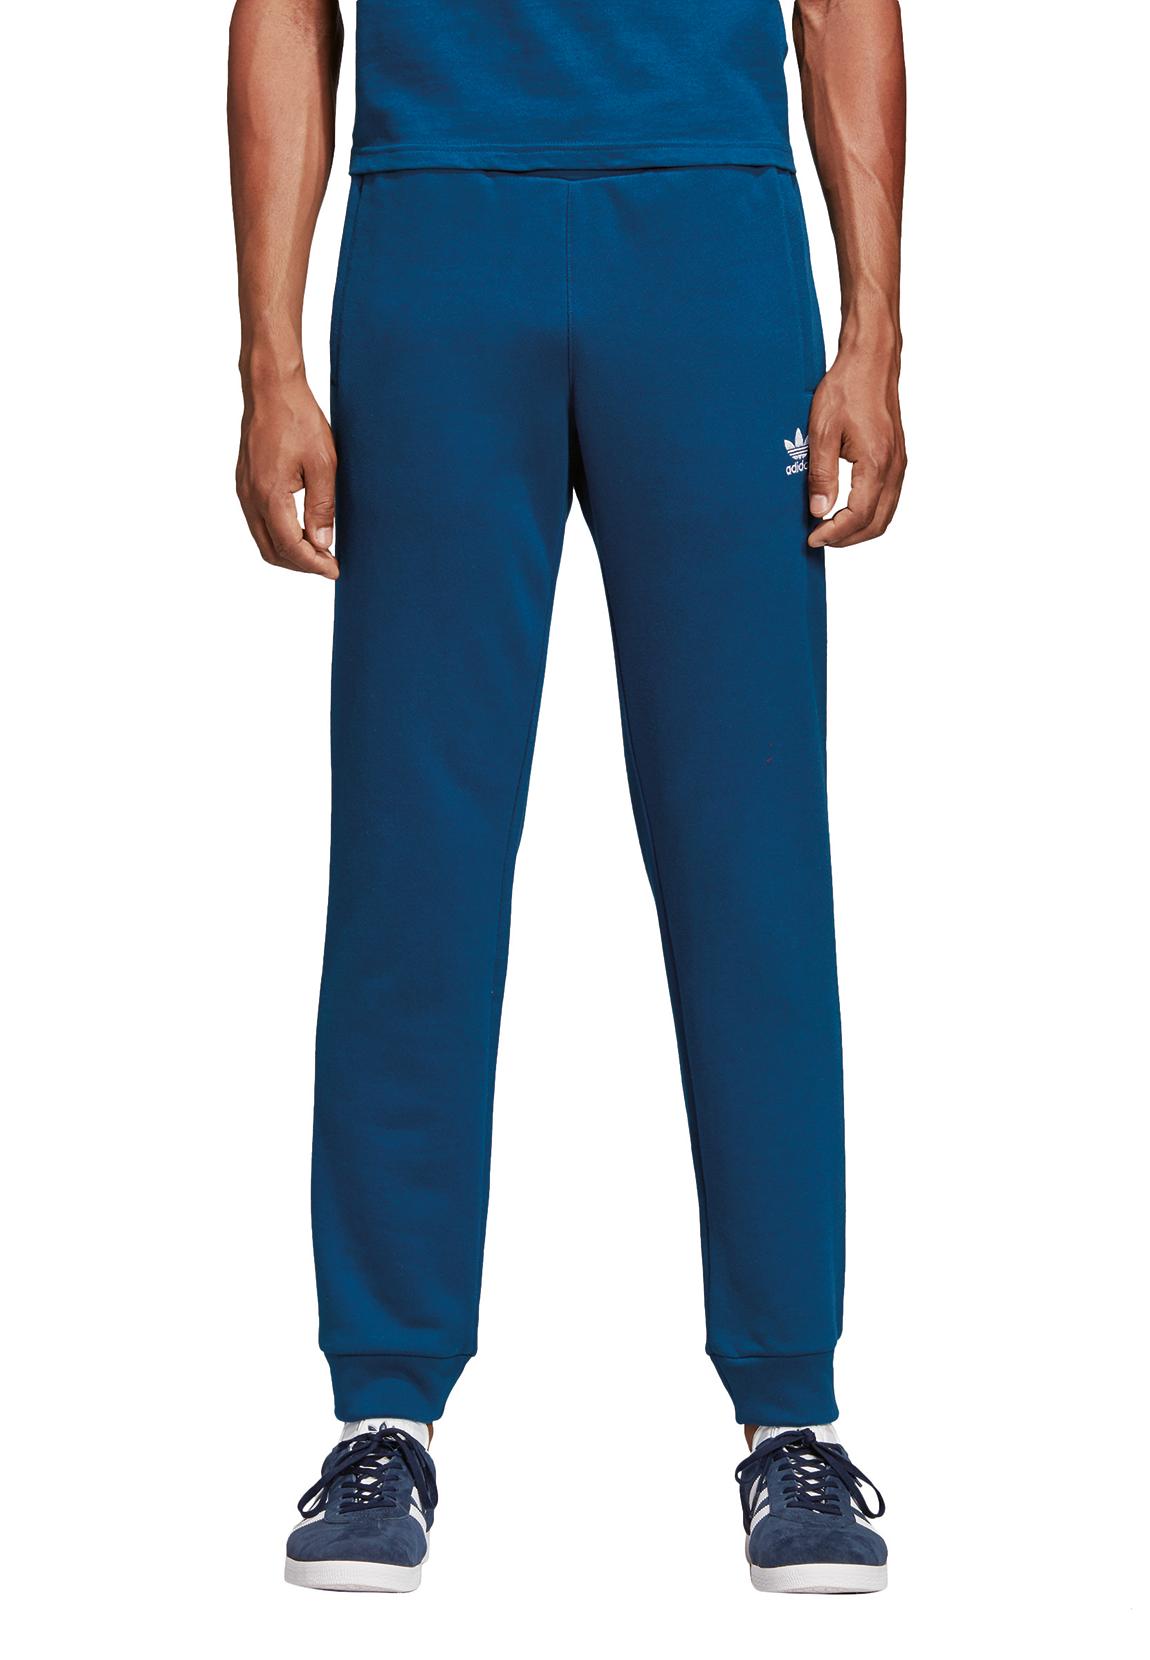 adidas jogginghose herren marineblau